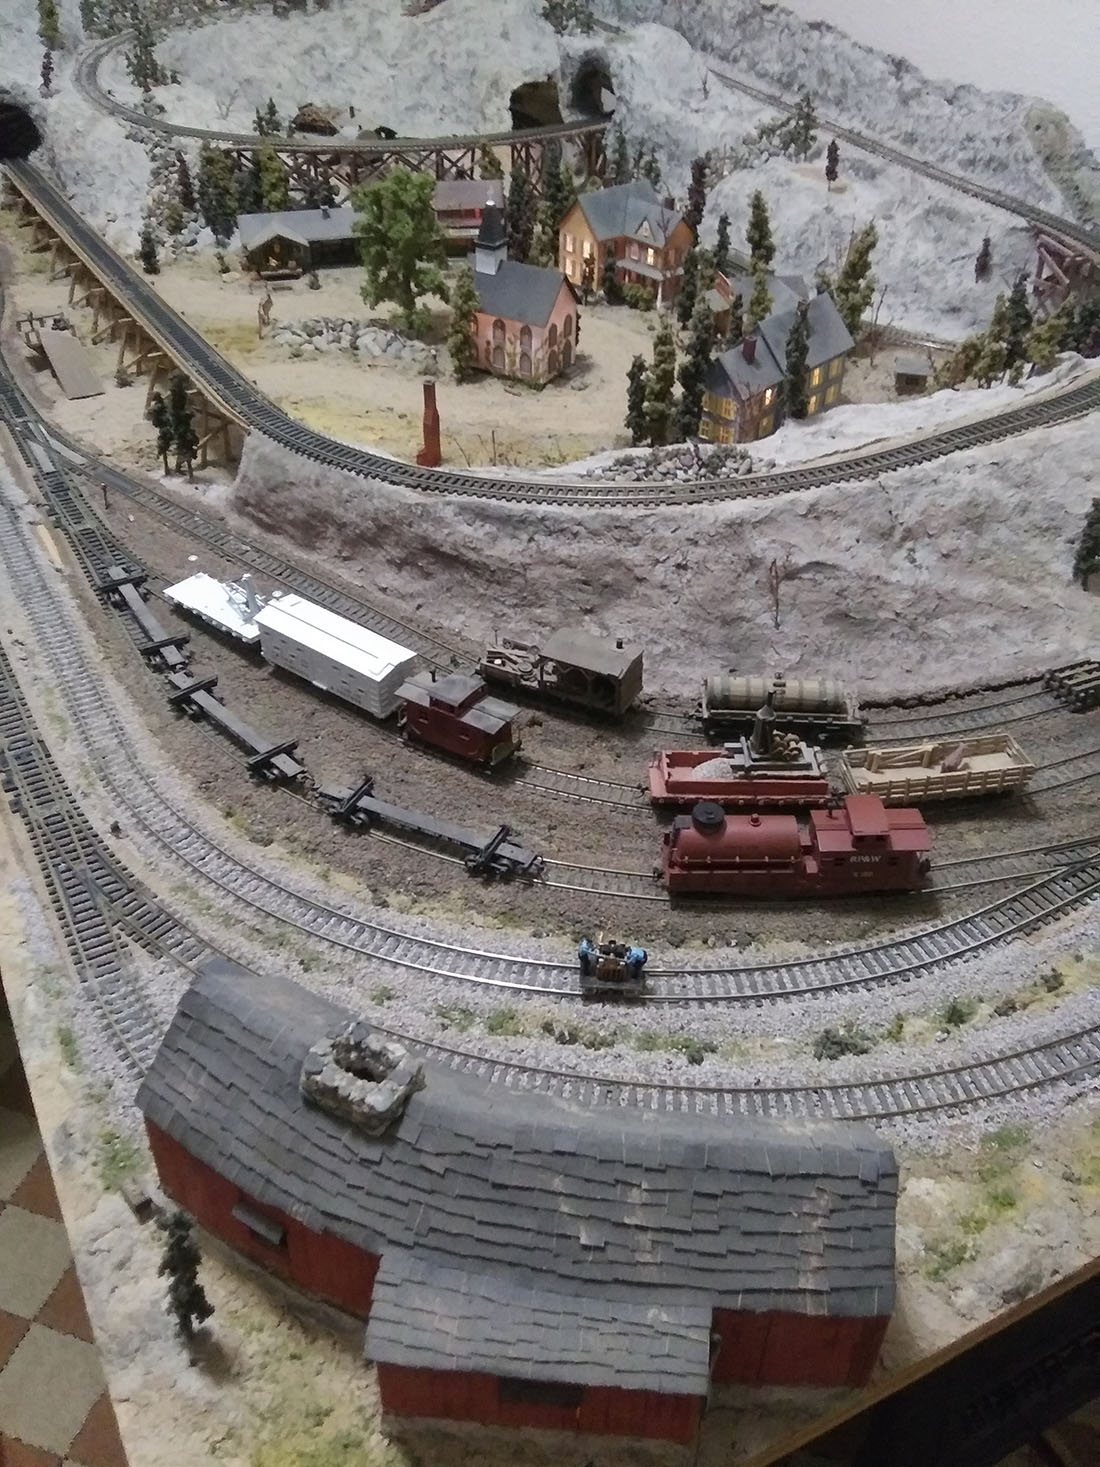 4x8 model railroad